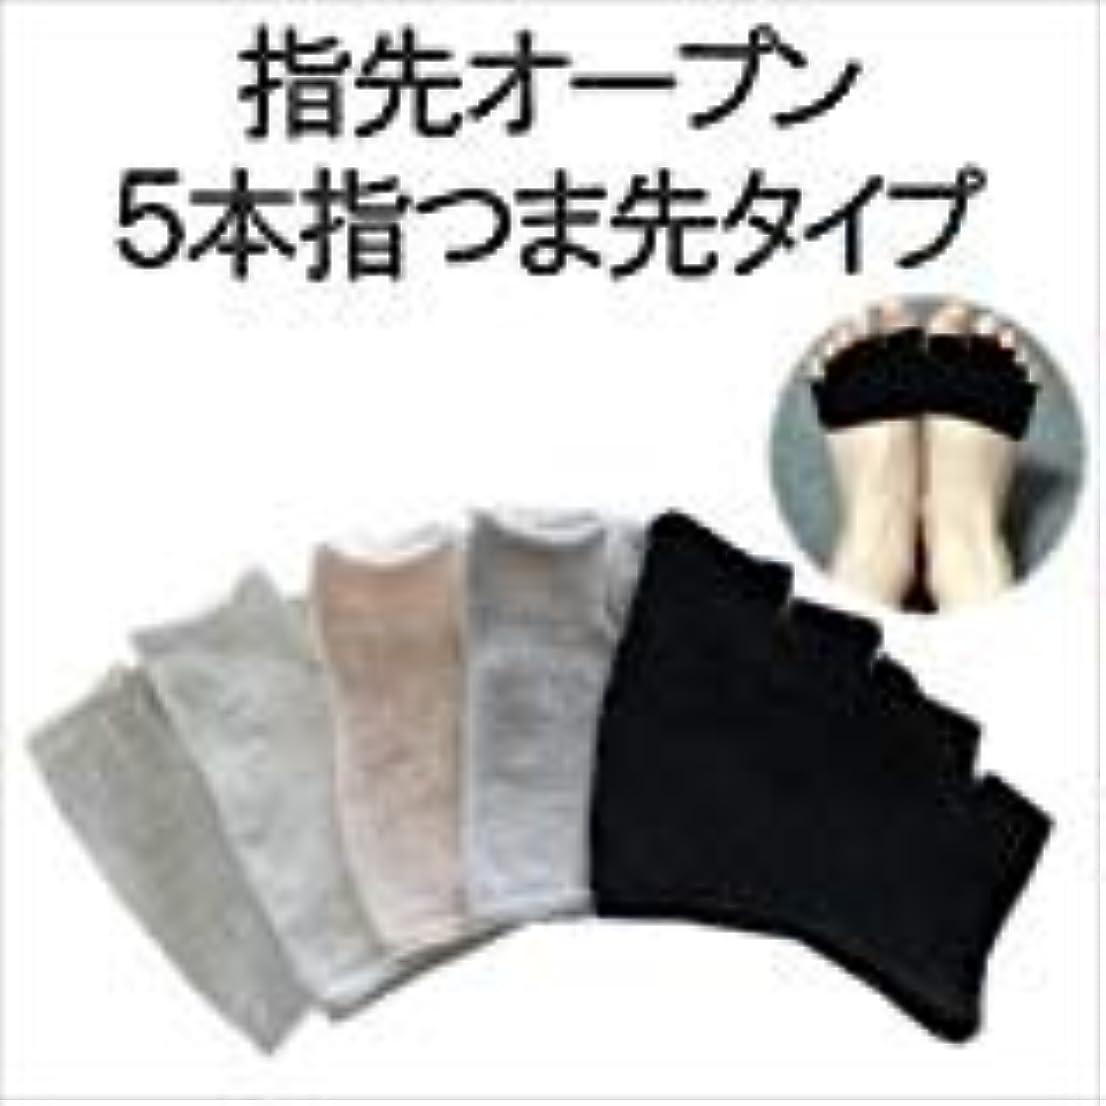 けん引と岩重ね履き用 5本指 指先オープン 汗 臭い対策 男女兼用 太陽ニット 310 (ブラック)